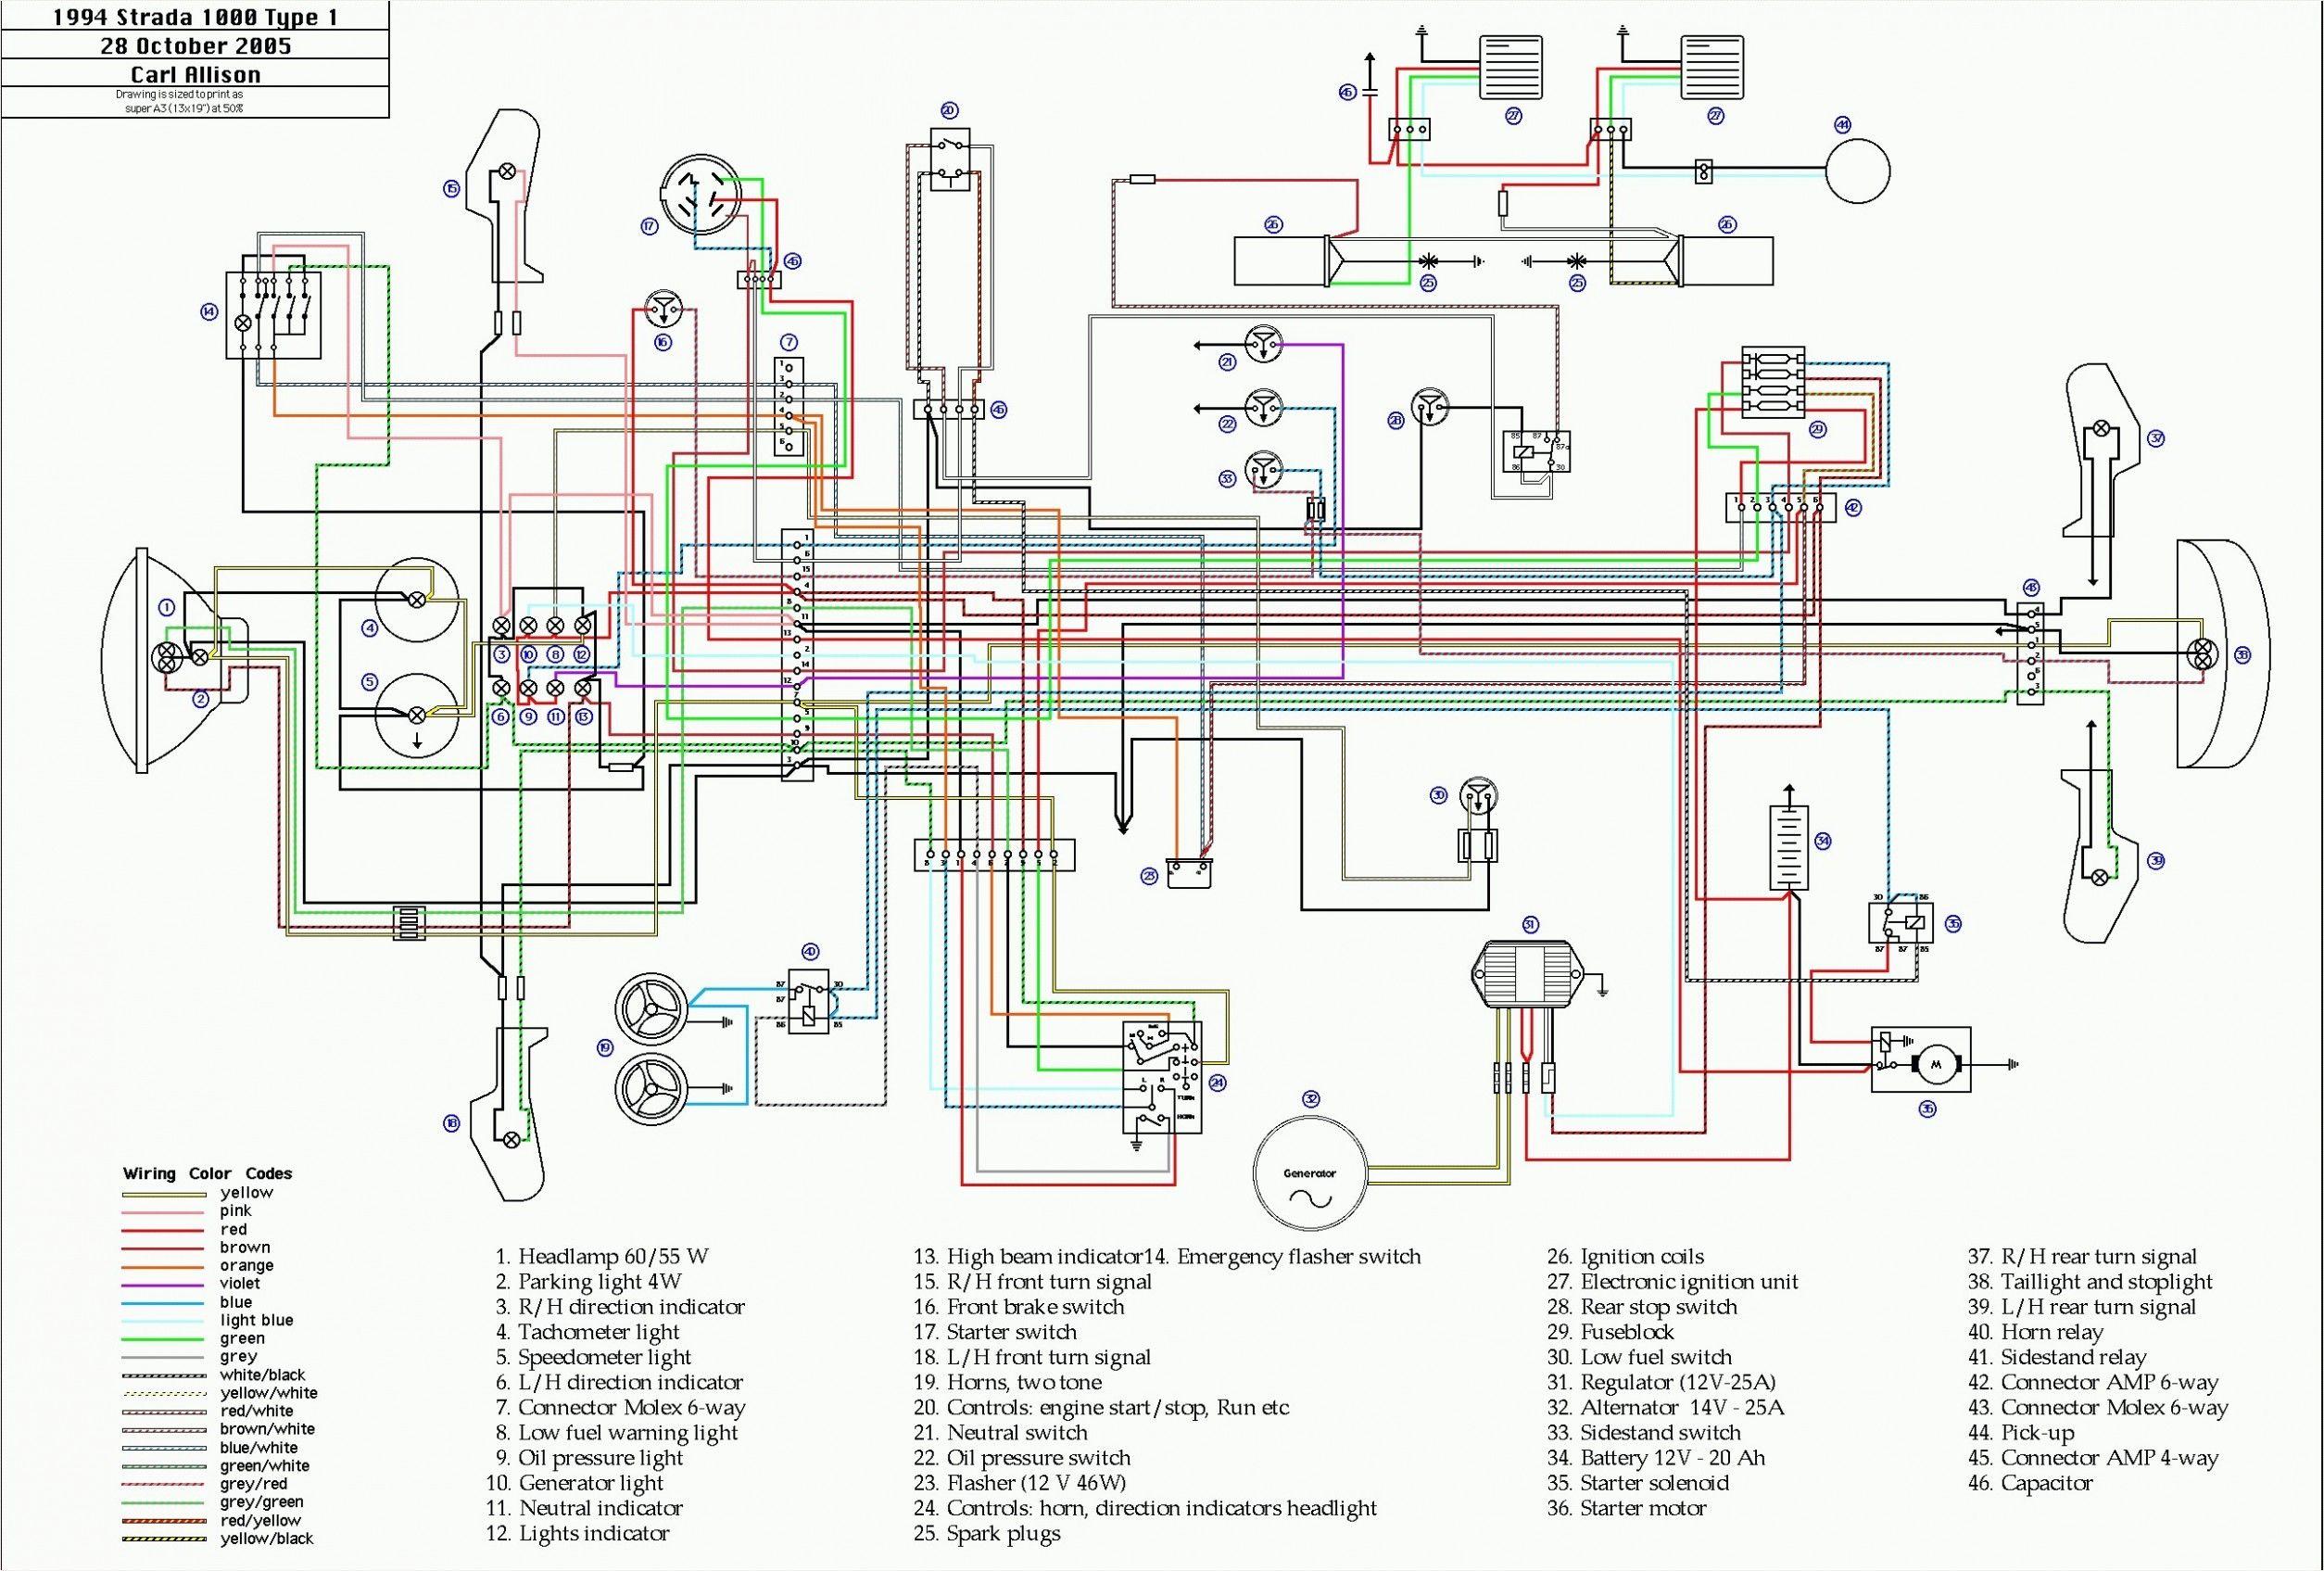 0996b43f80231a12 For 1994 Chevy Silverado Wiring Diagram In 2021 1995 Chevy Silverado Chevy 1500 Chevy Silverado